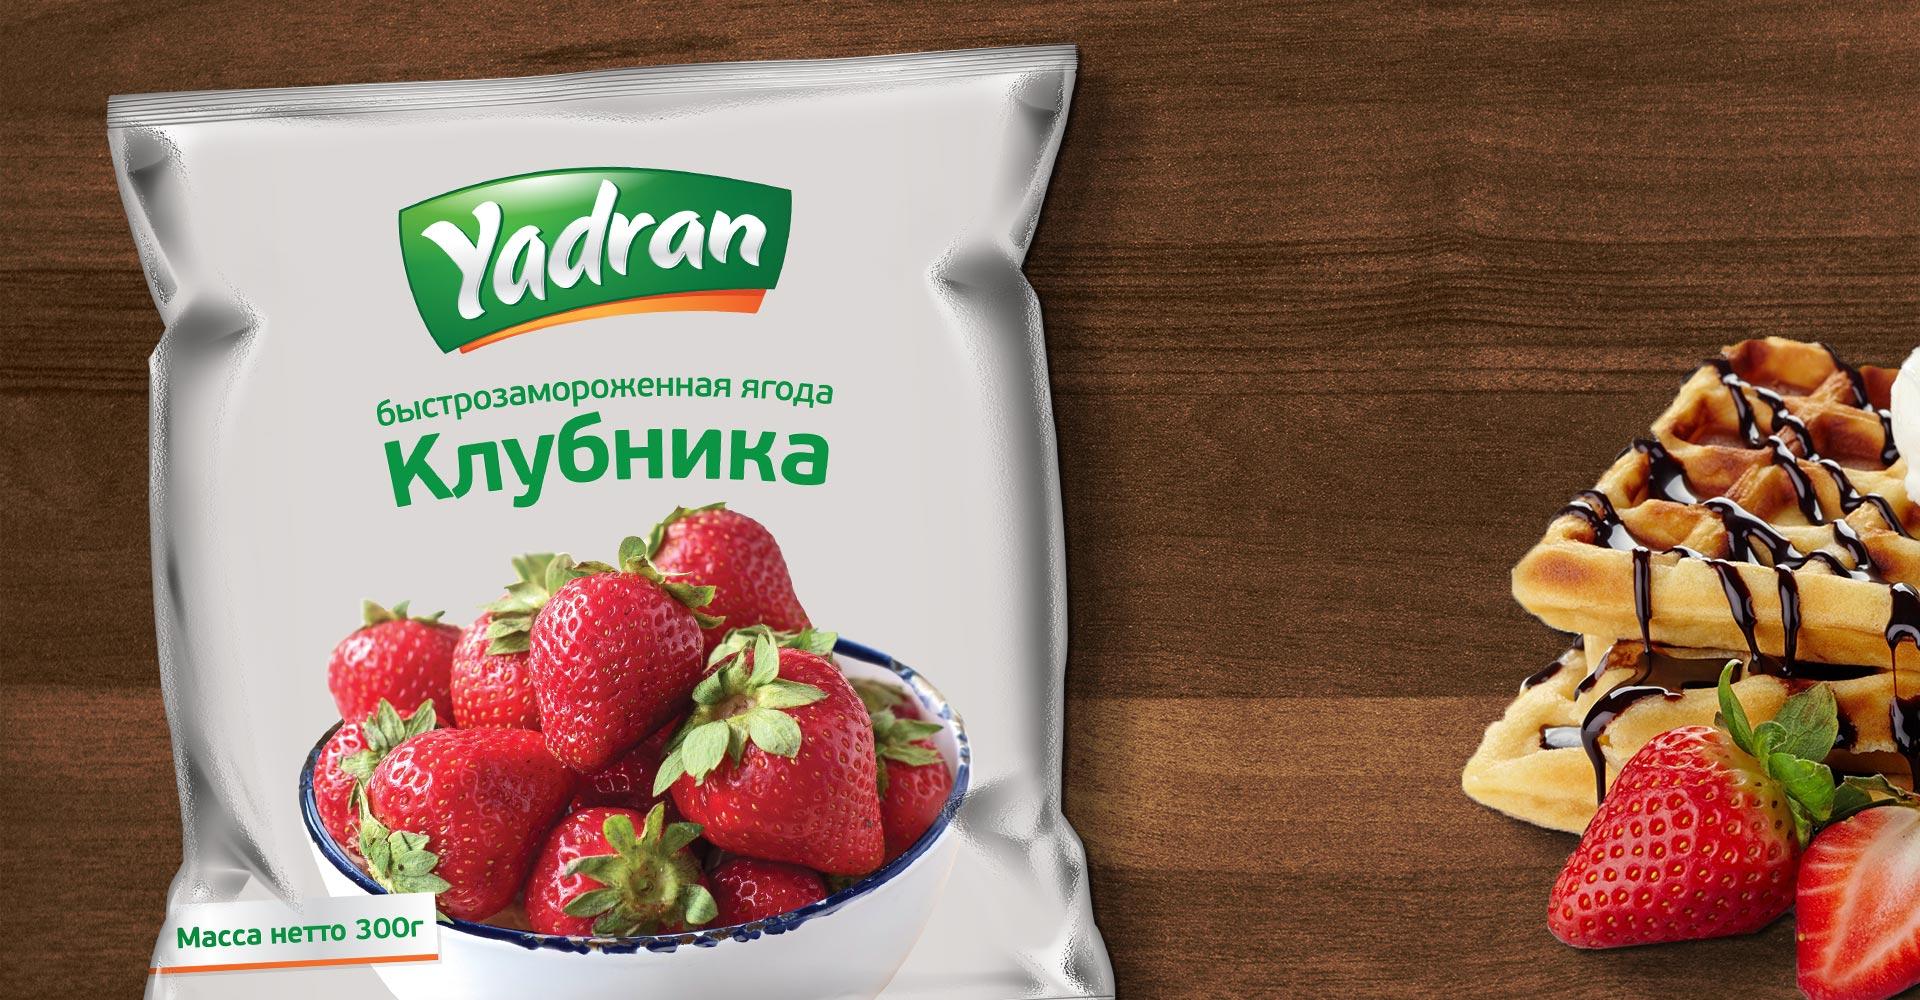 Dizajn pakovnja za smrznuto voće kompanije Yadran